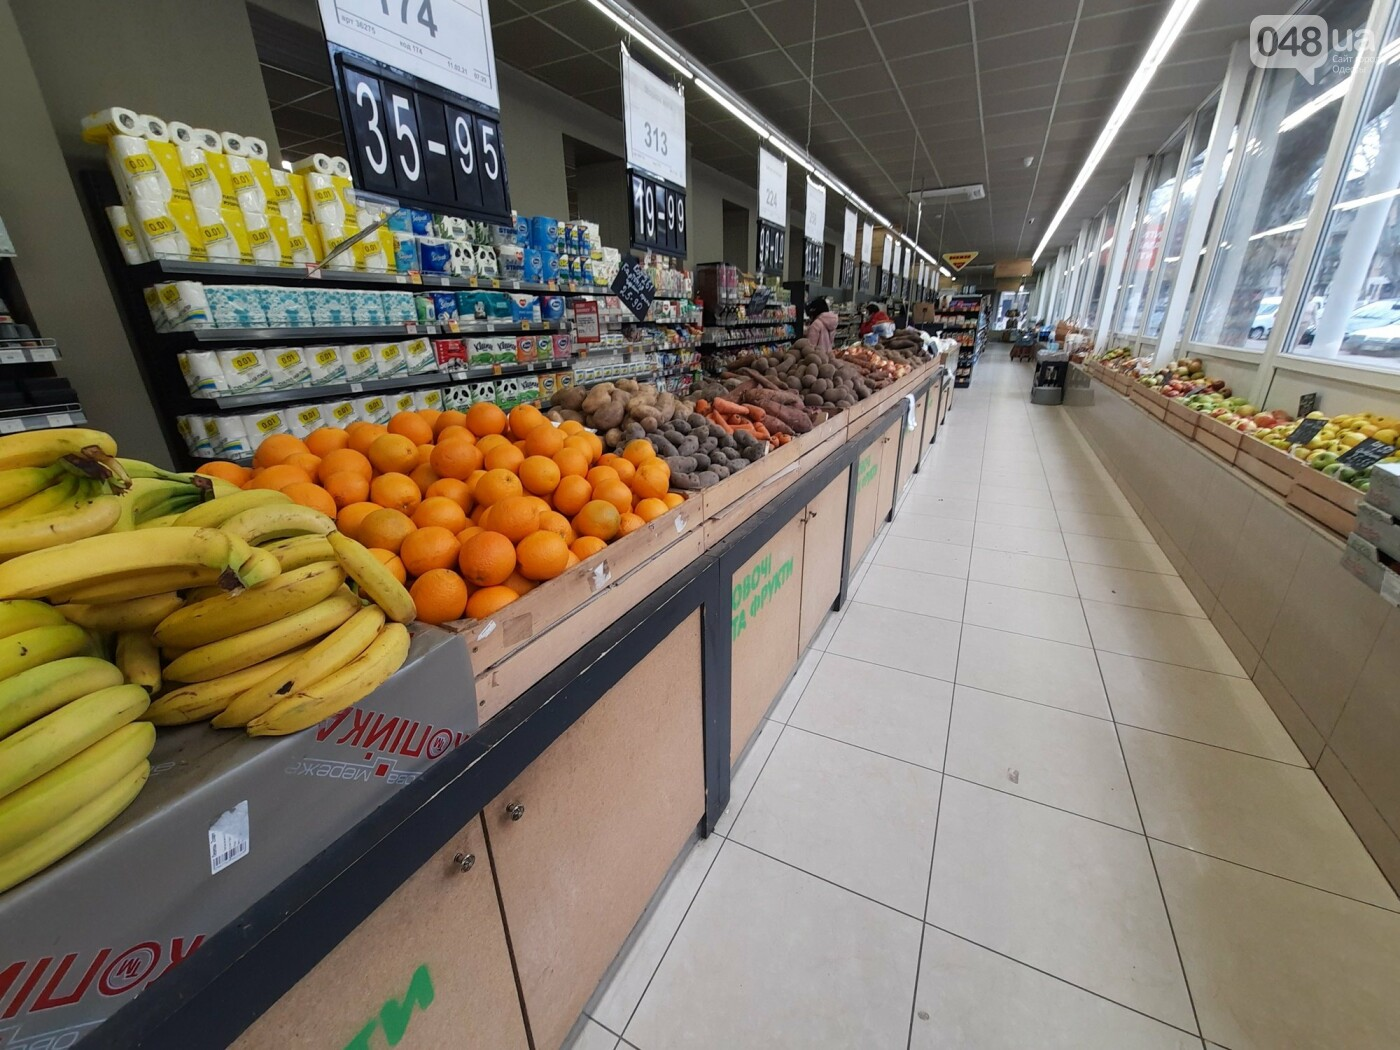 Редиска, помидоры и авокадо: как не переплачивать за покупки в супермаркетах Одессы, - ФОТО, фото-7